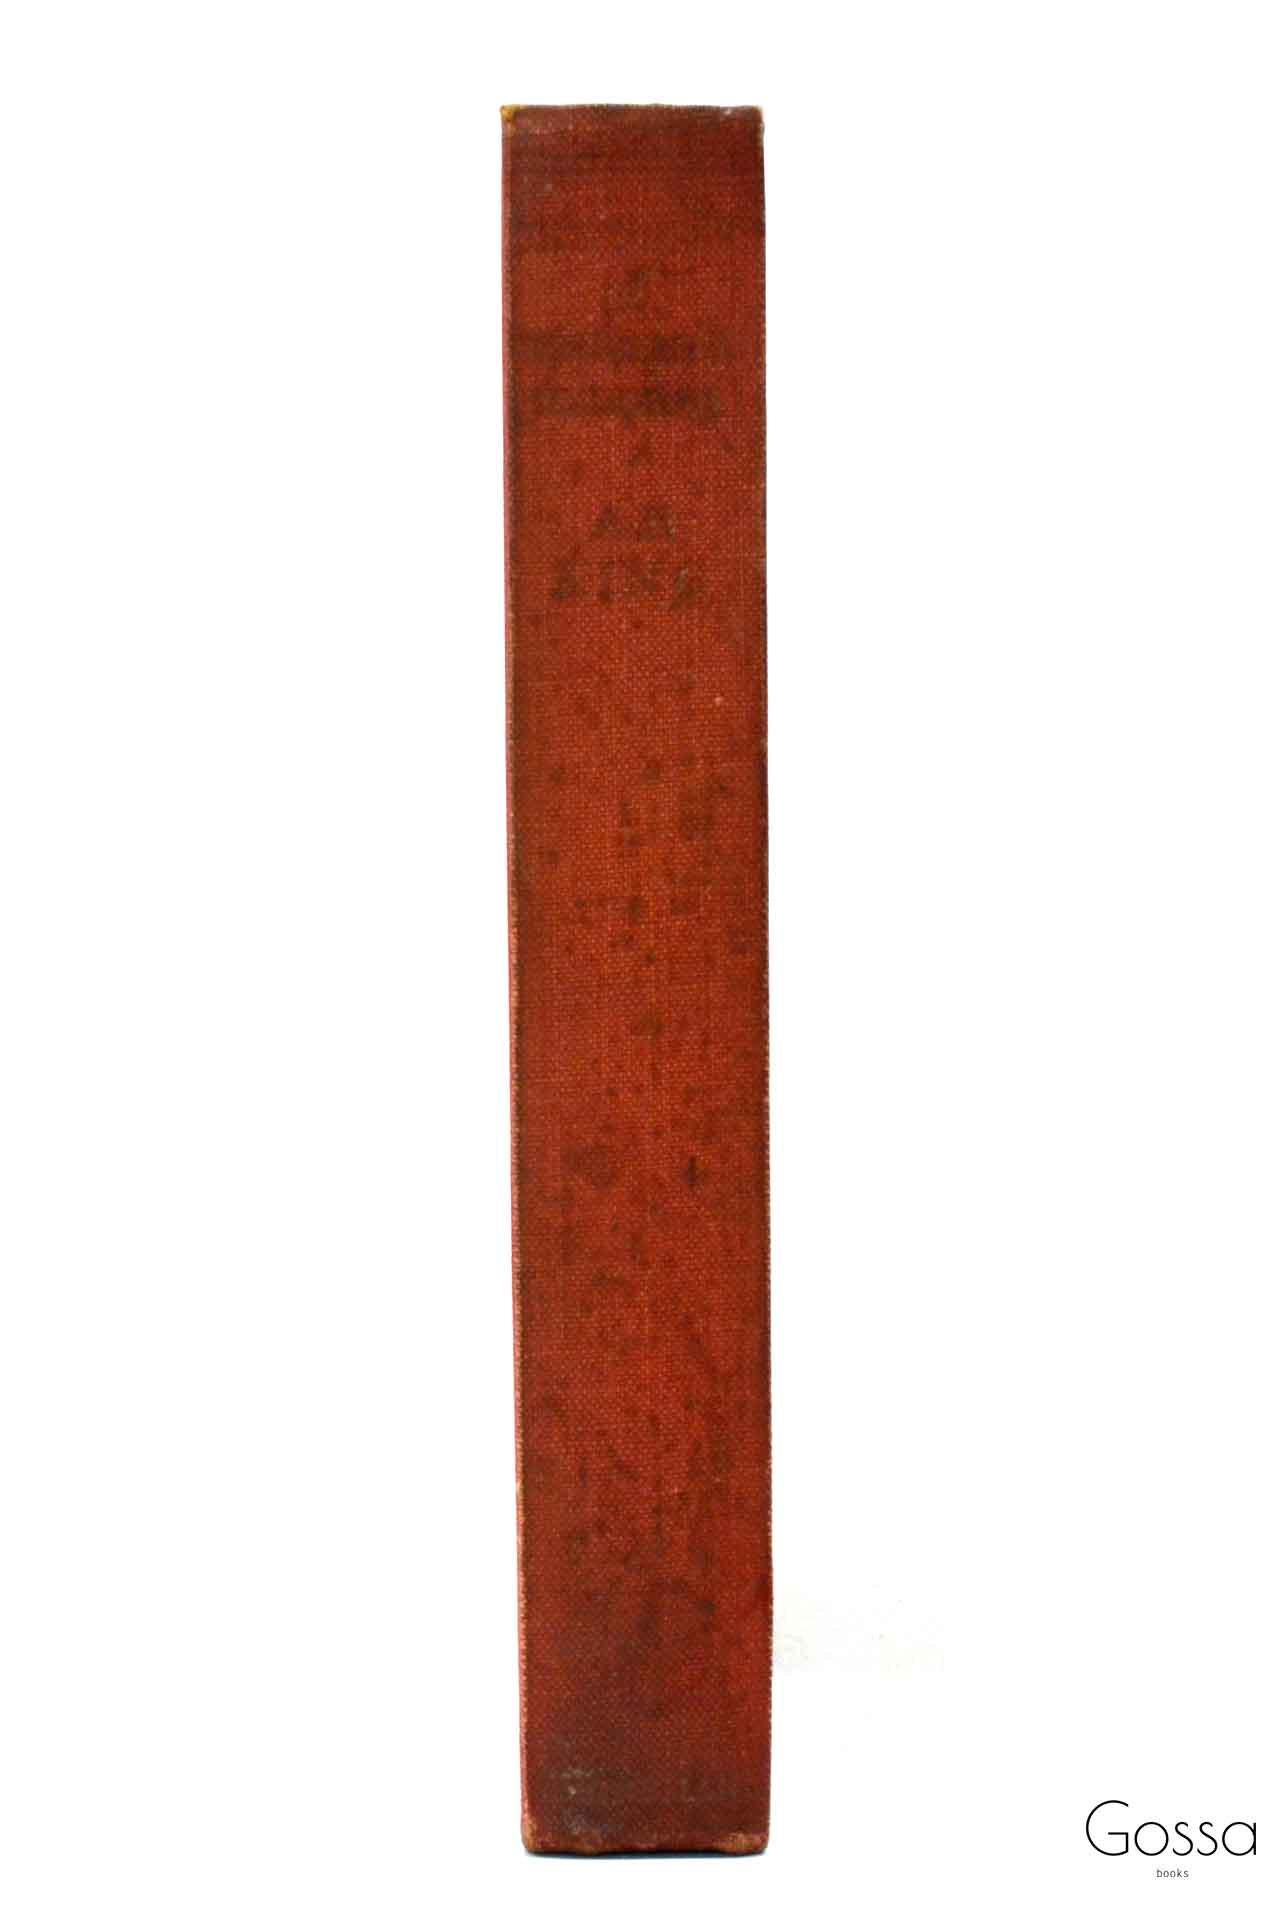 洋書 ディスプレイ用 RZ-5850